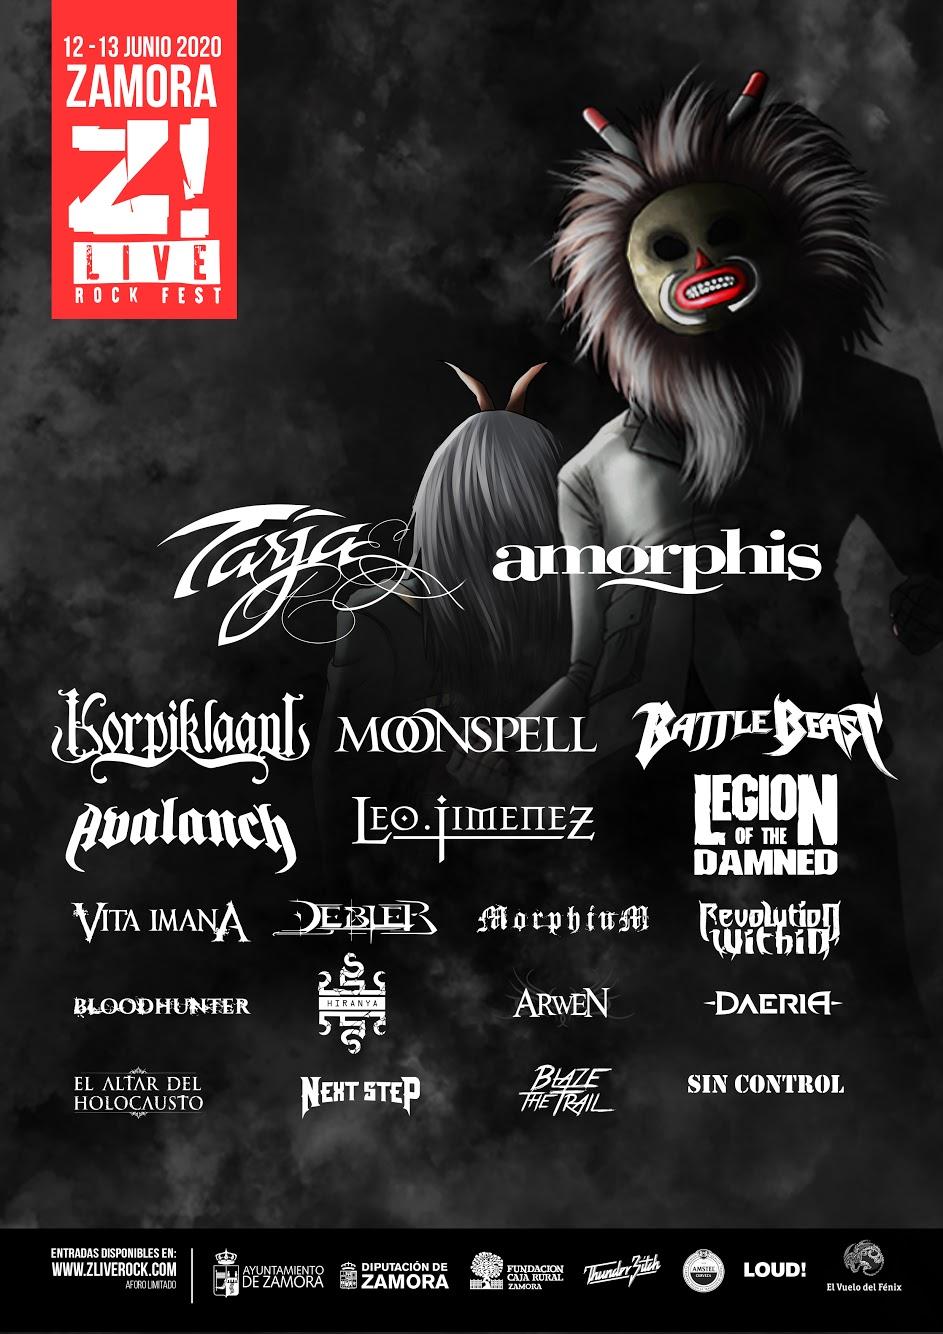 z live rock 2020 cartel